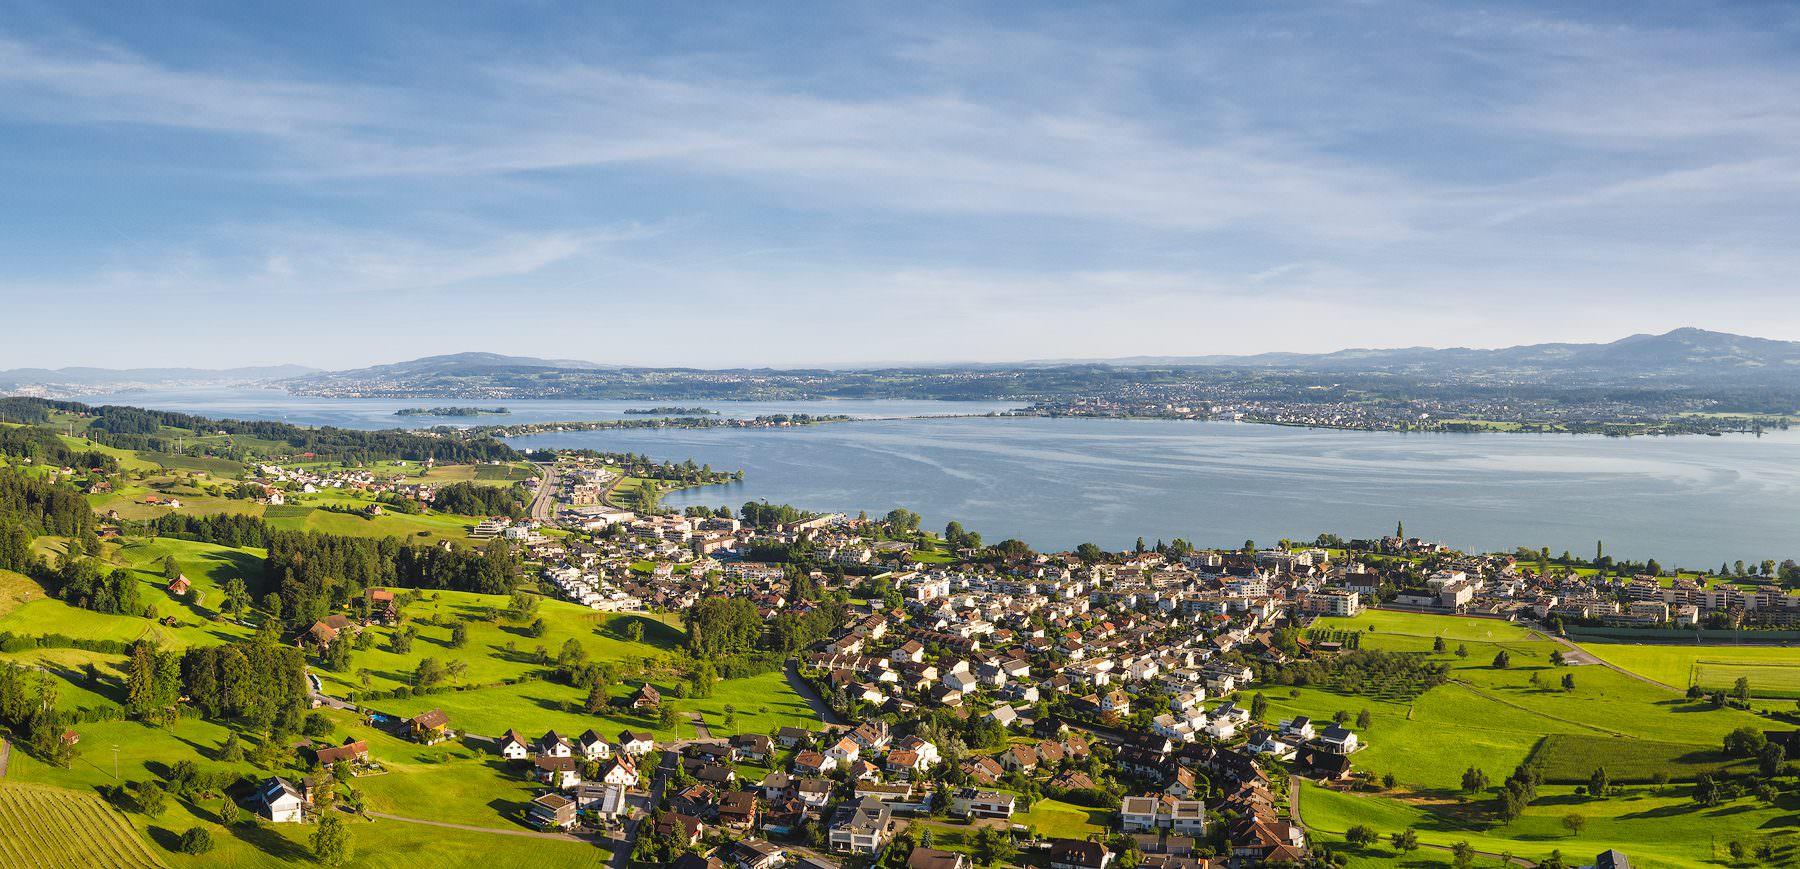 Luftaufnahme, Altendorf, Obersee mit Damm und Zürichsee © Gerry Pacher Photography